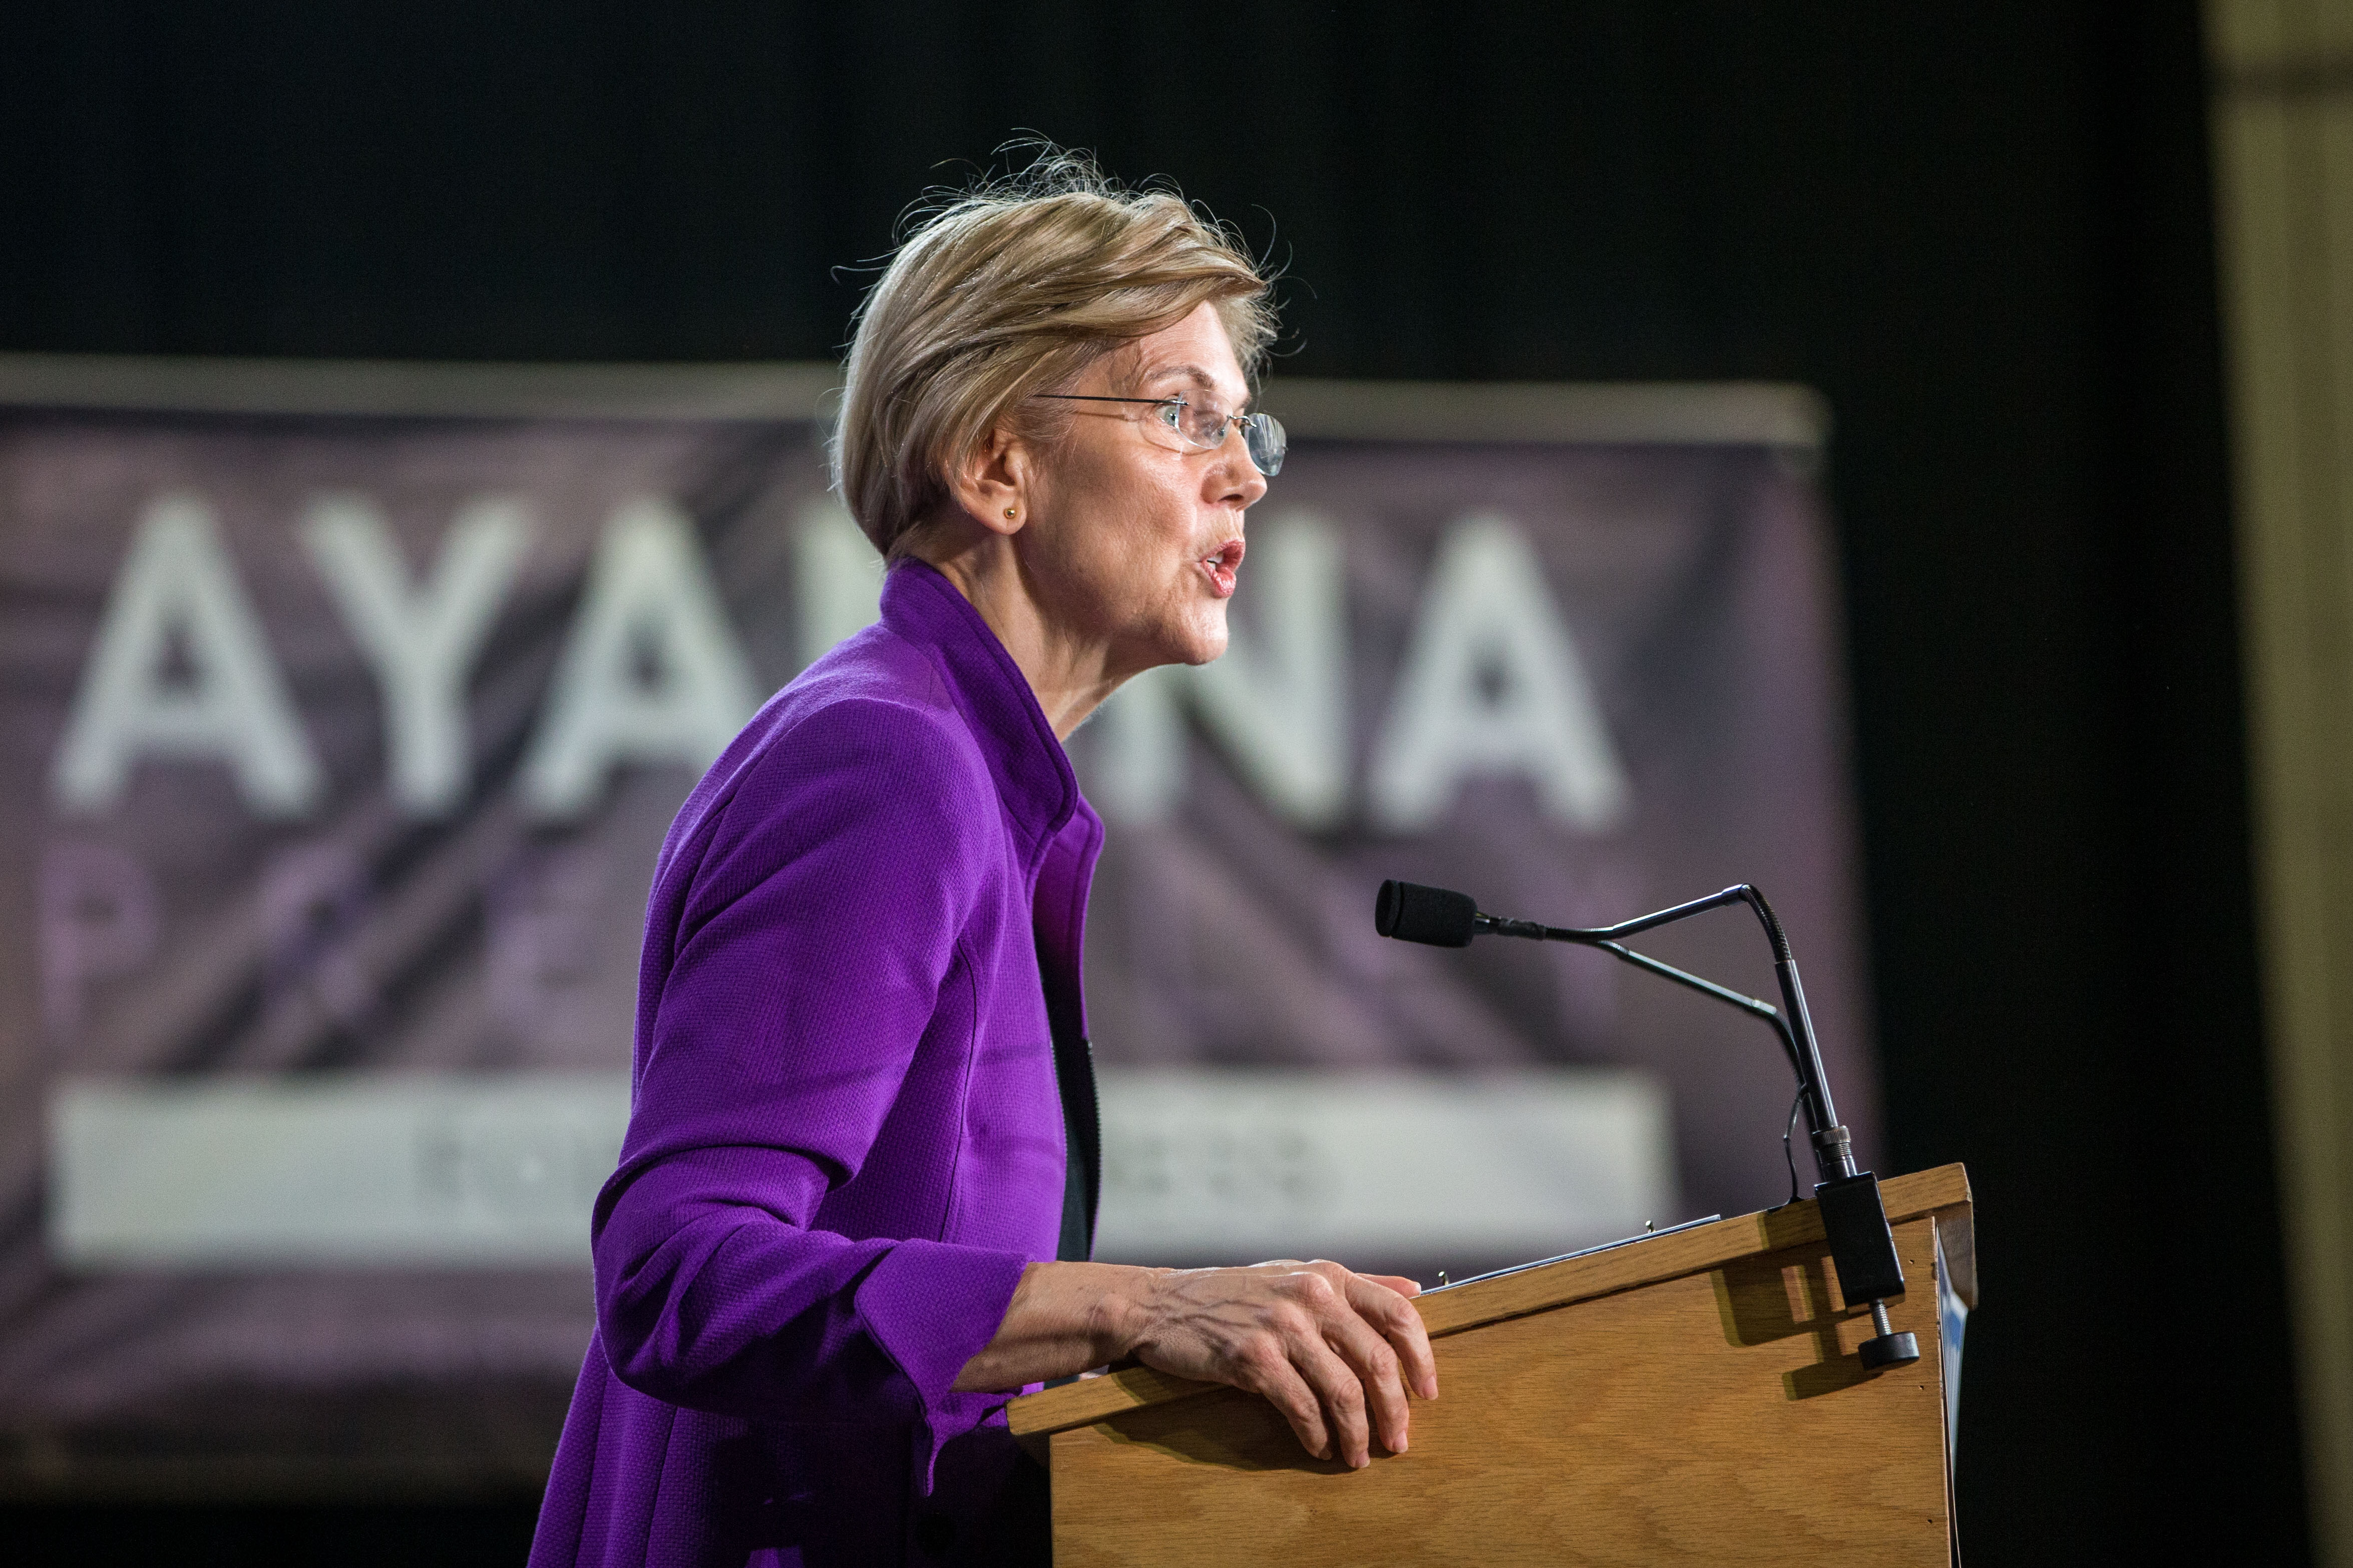 Best Genetic Testing 2020 Elizabeth Warren's DNA test doesn't prove she's Native American